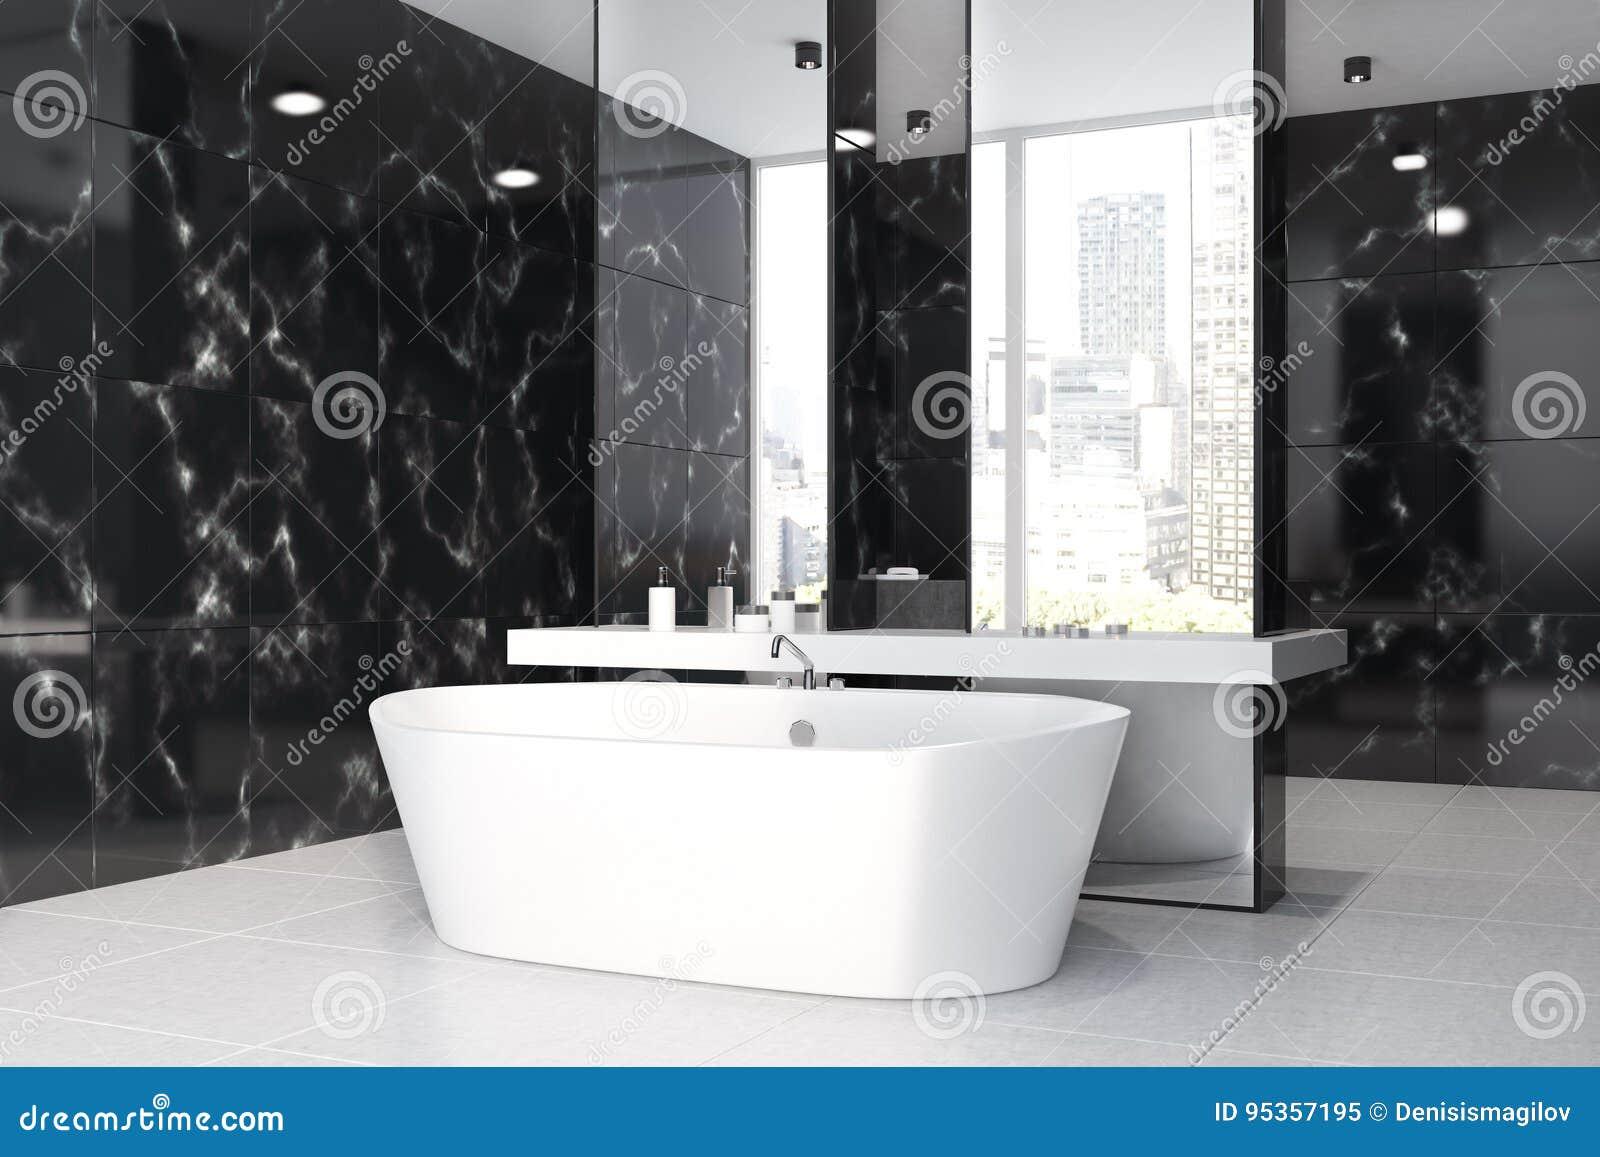 Bagno di marmo nero lavandino vasca lato illustrazione - Bagno di marmo ...